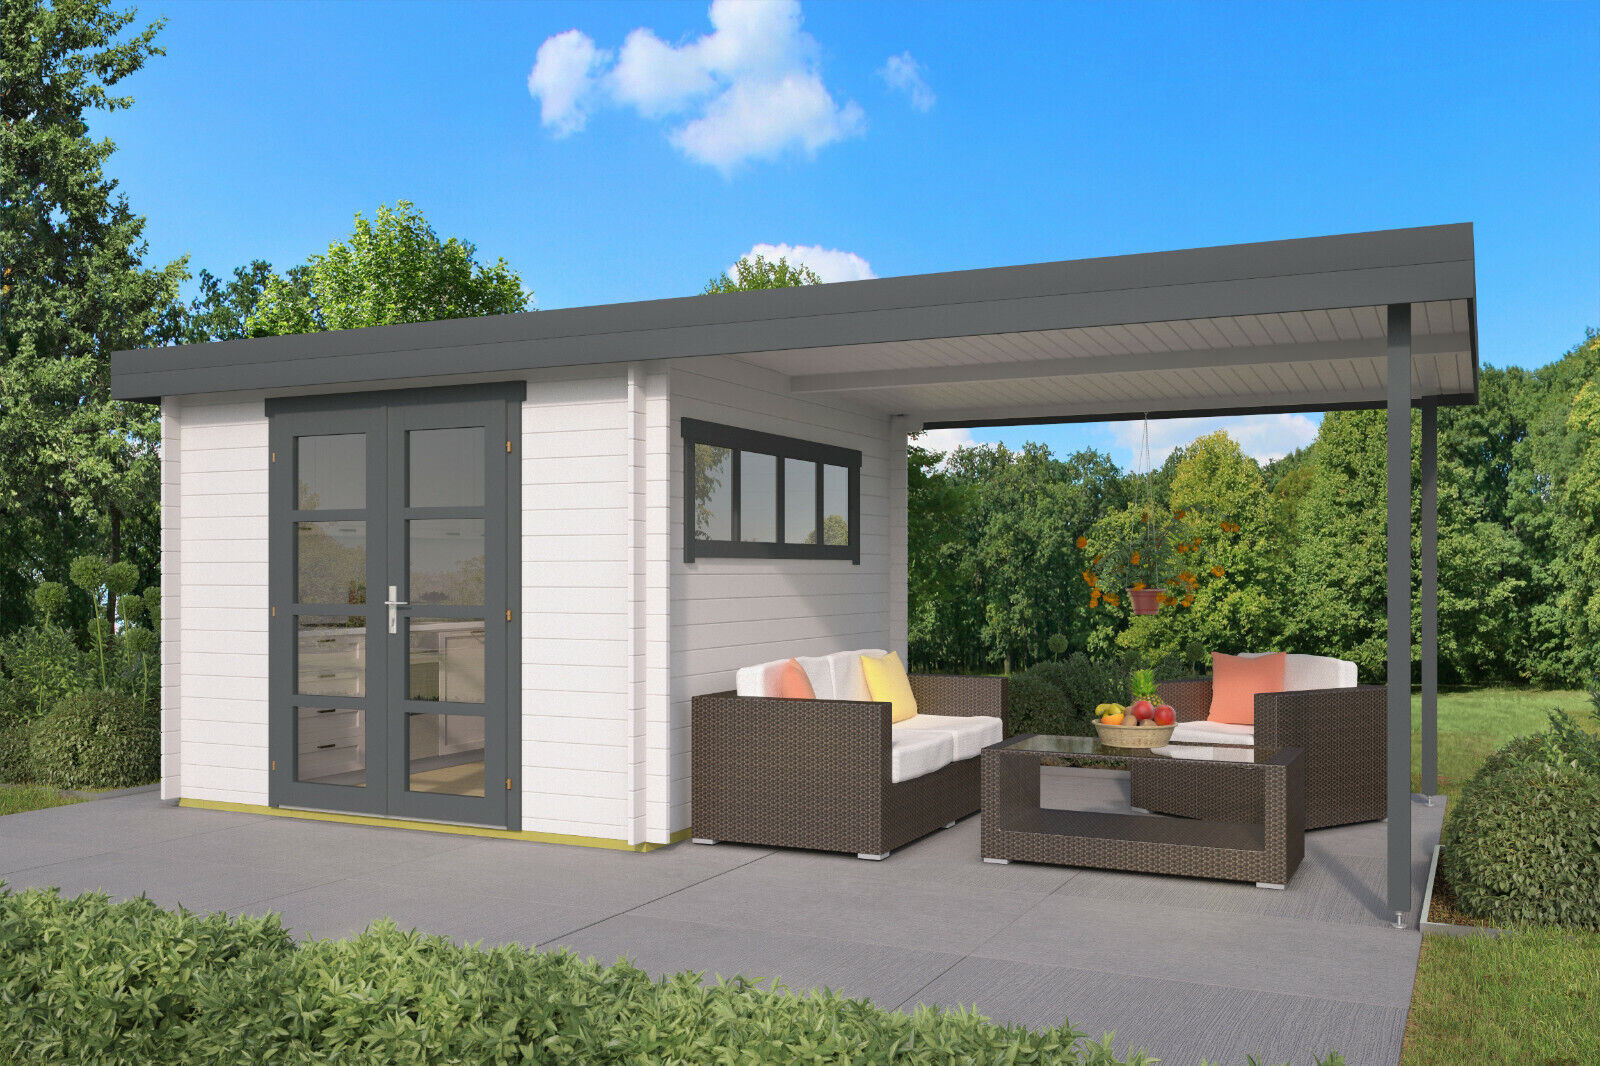 28mm Gartenhaus + Anbau 600x300cm Flachdach Holzhaus ...